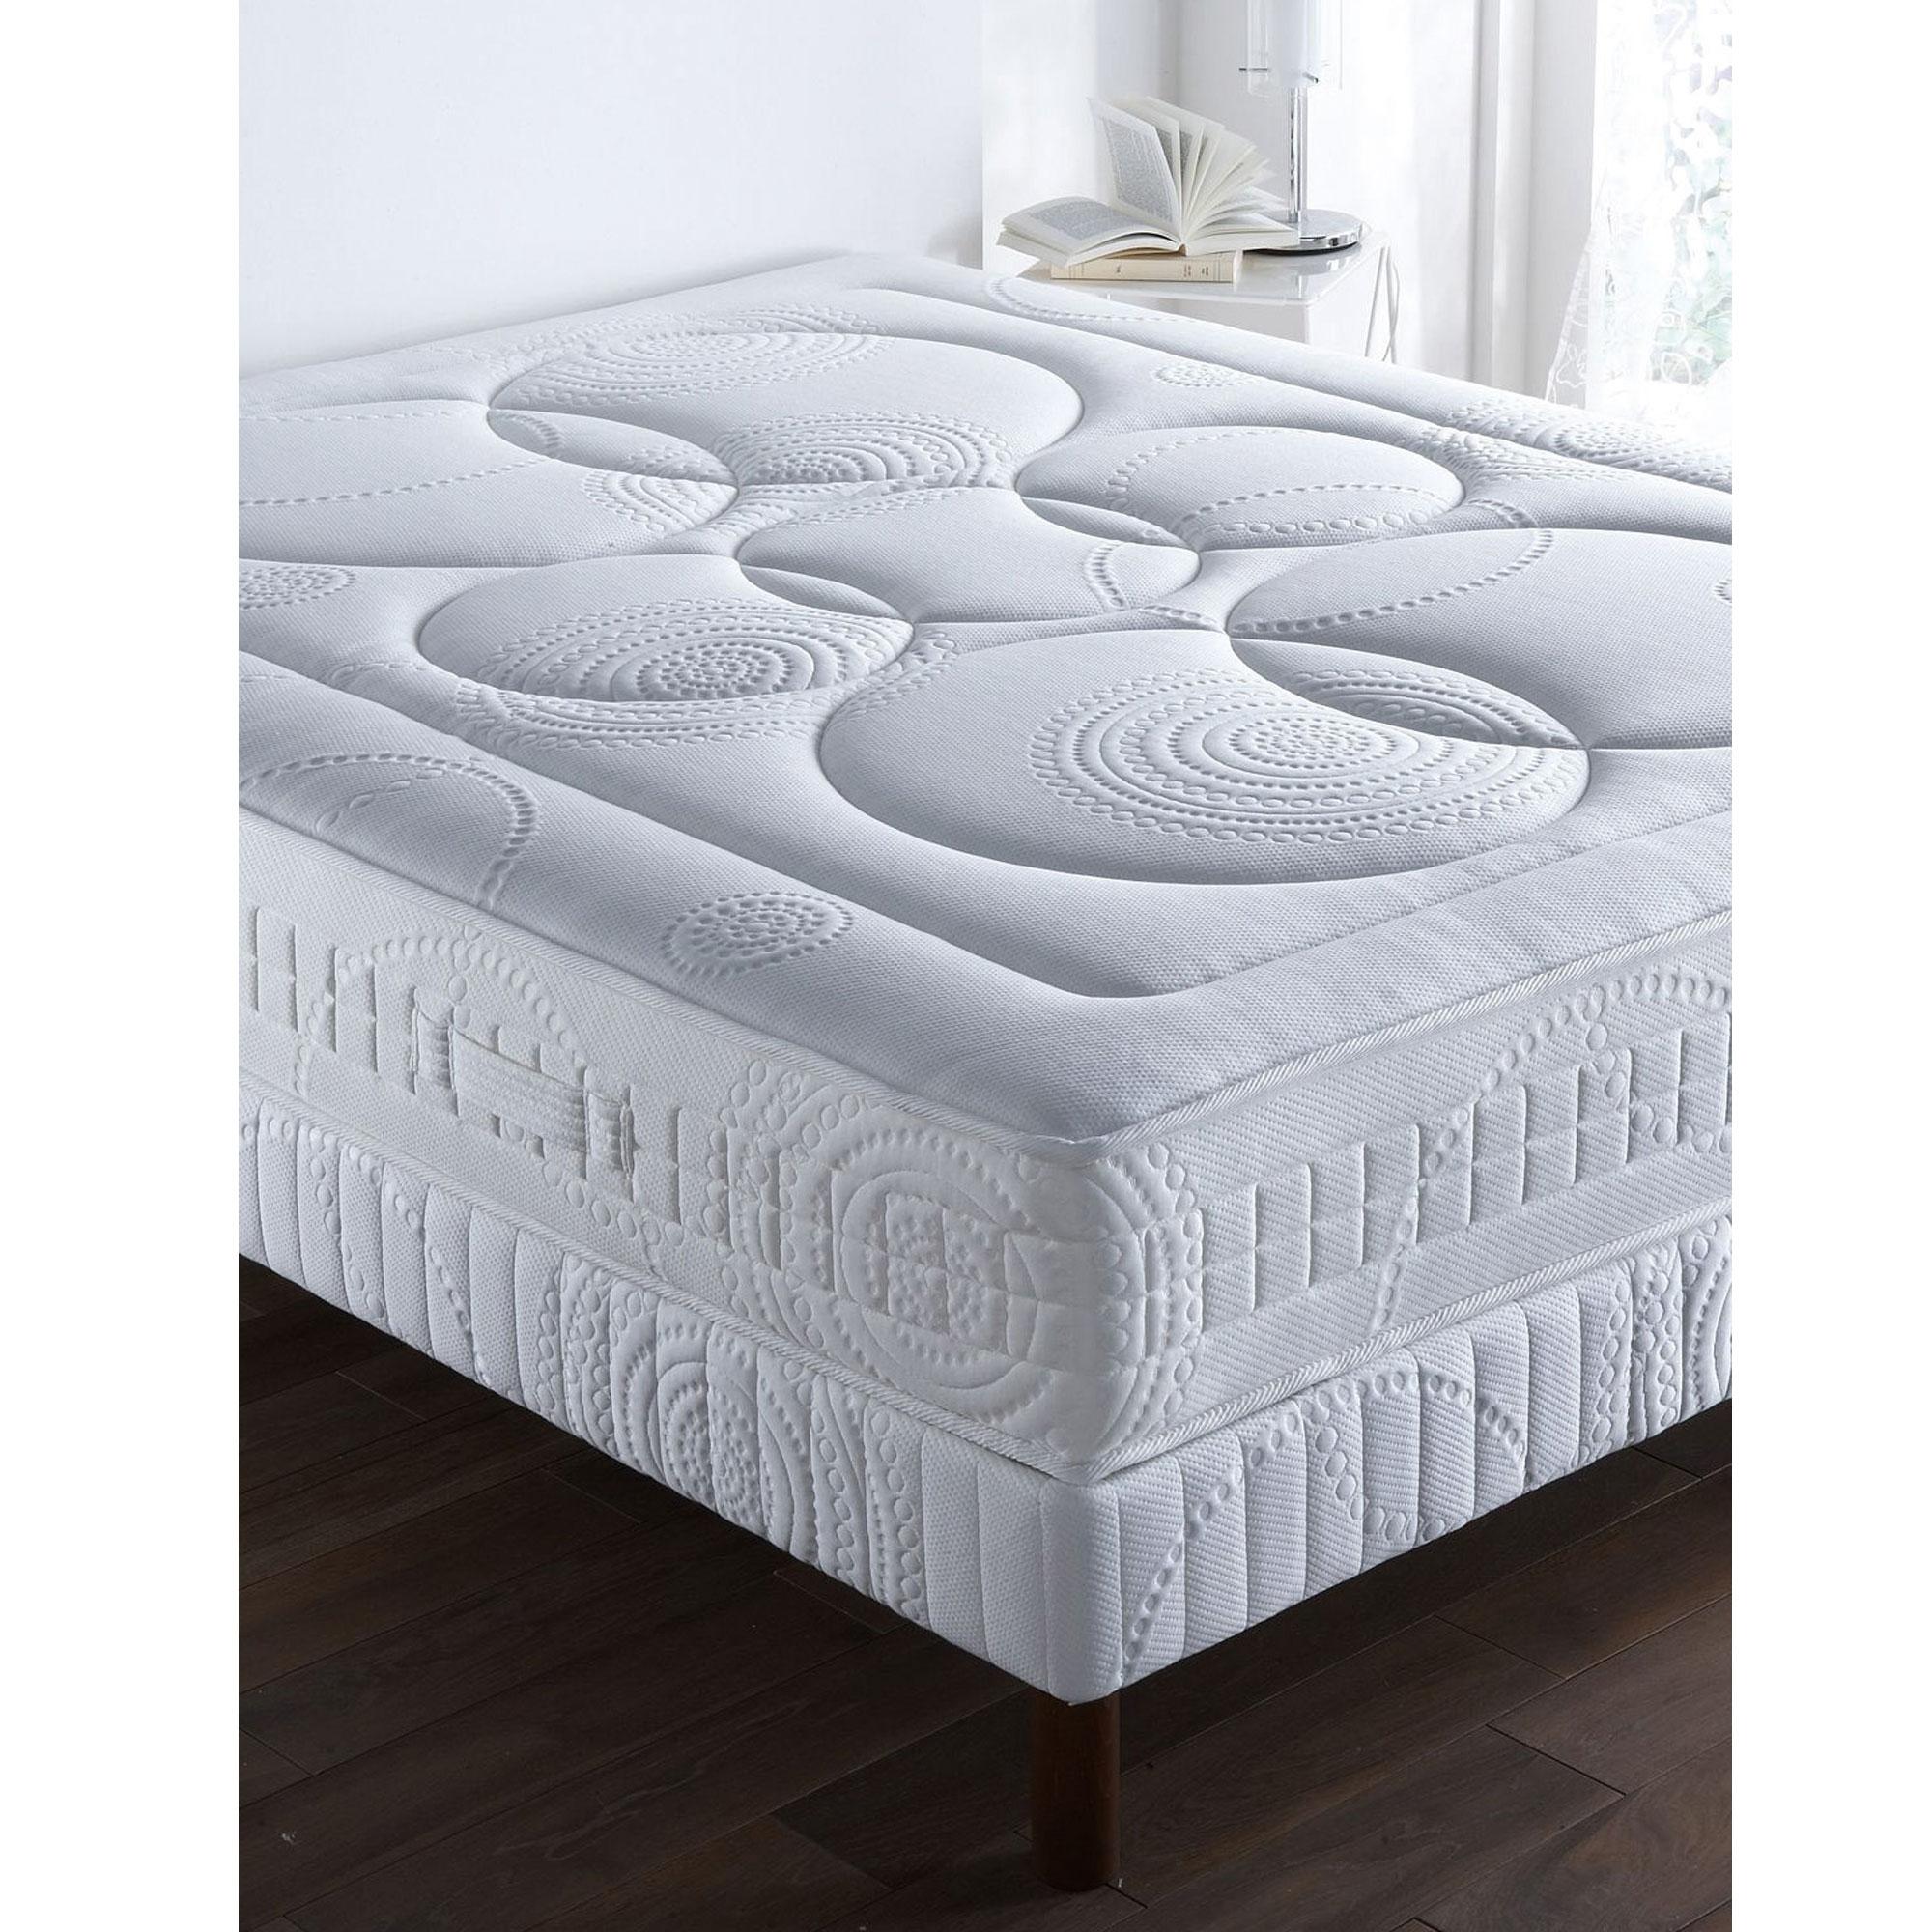 blouson zipp en cuir ado fille acheter ce produit au meilleur prix. Black Bedroom Furniture Sets. Home Design Ideas